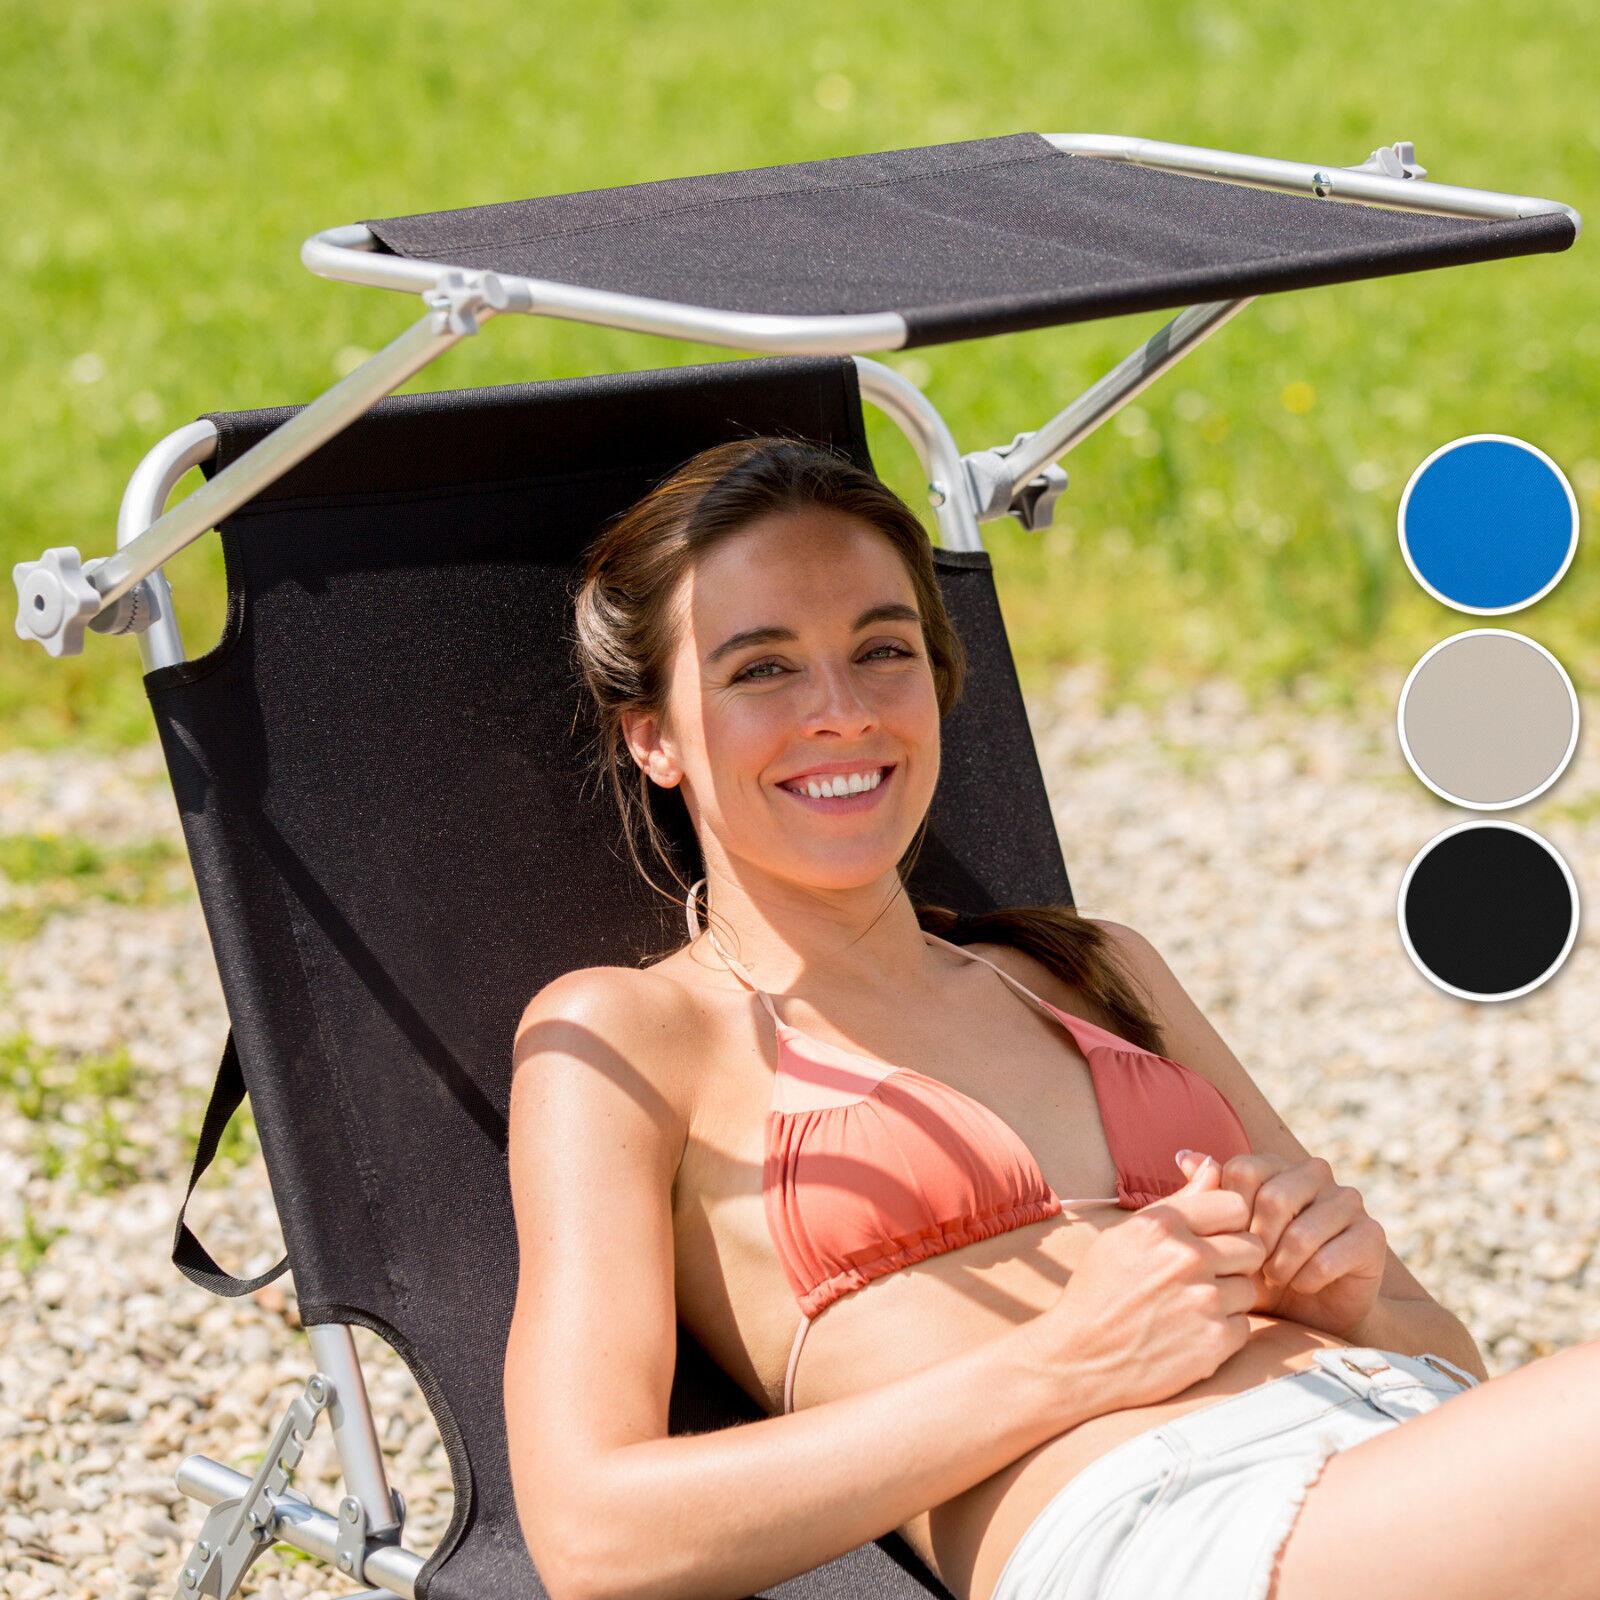 Alu Gartenliege Sonnenliege Liegestuhl Liege Liege Liege klappbar mit Dach 190cm schwarz 5267aa